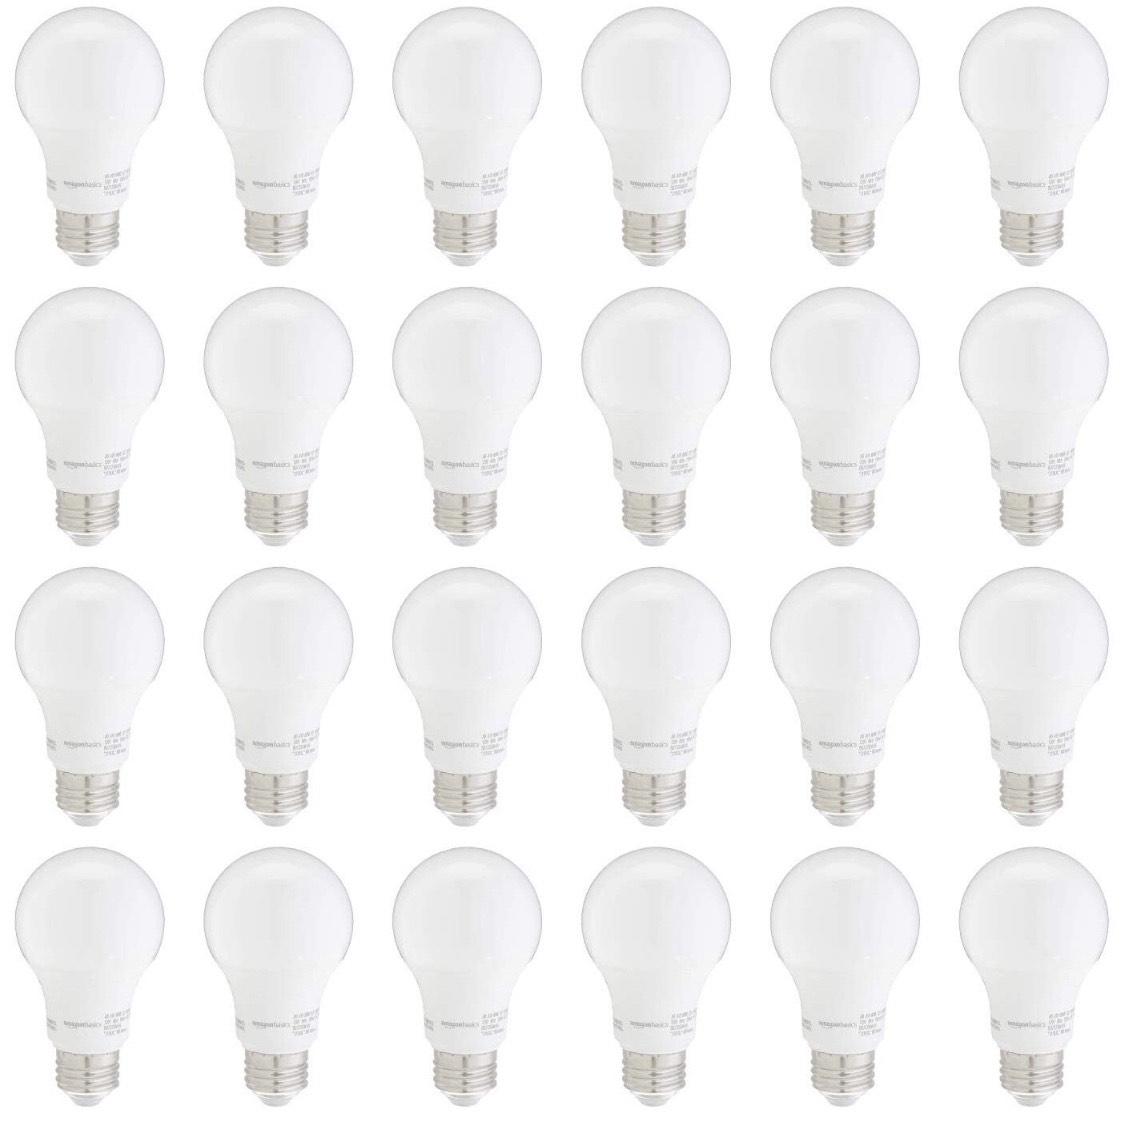 Amazon Basics: 24 focos LED Daylight 60w